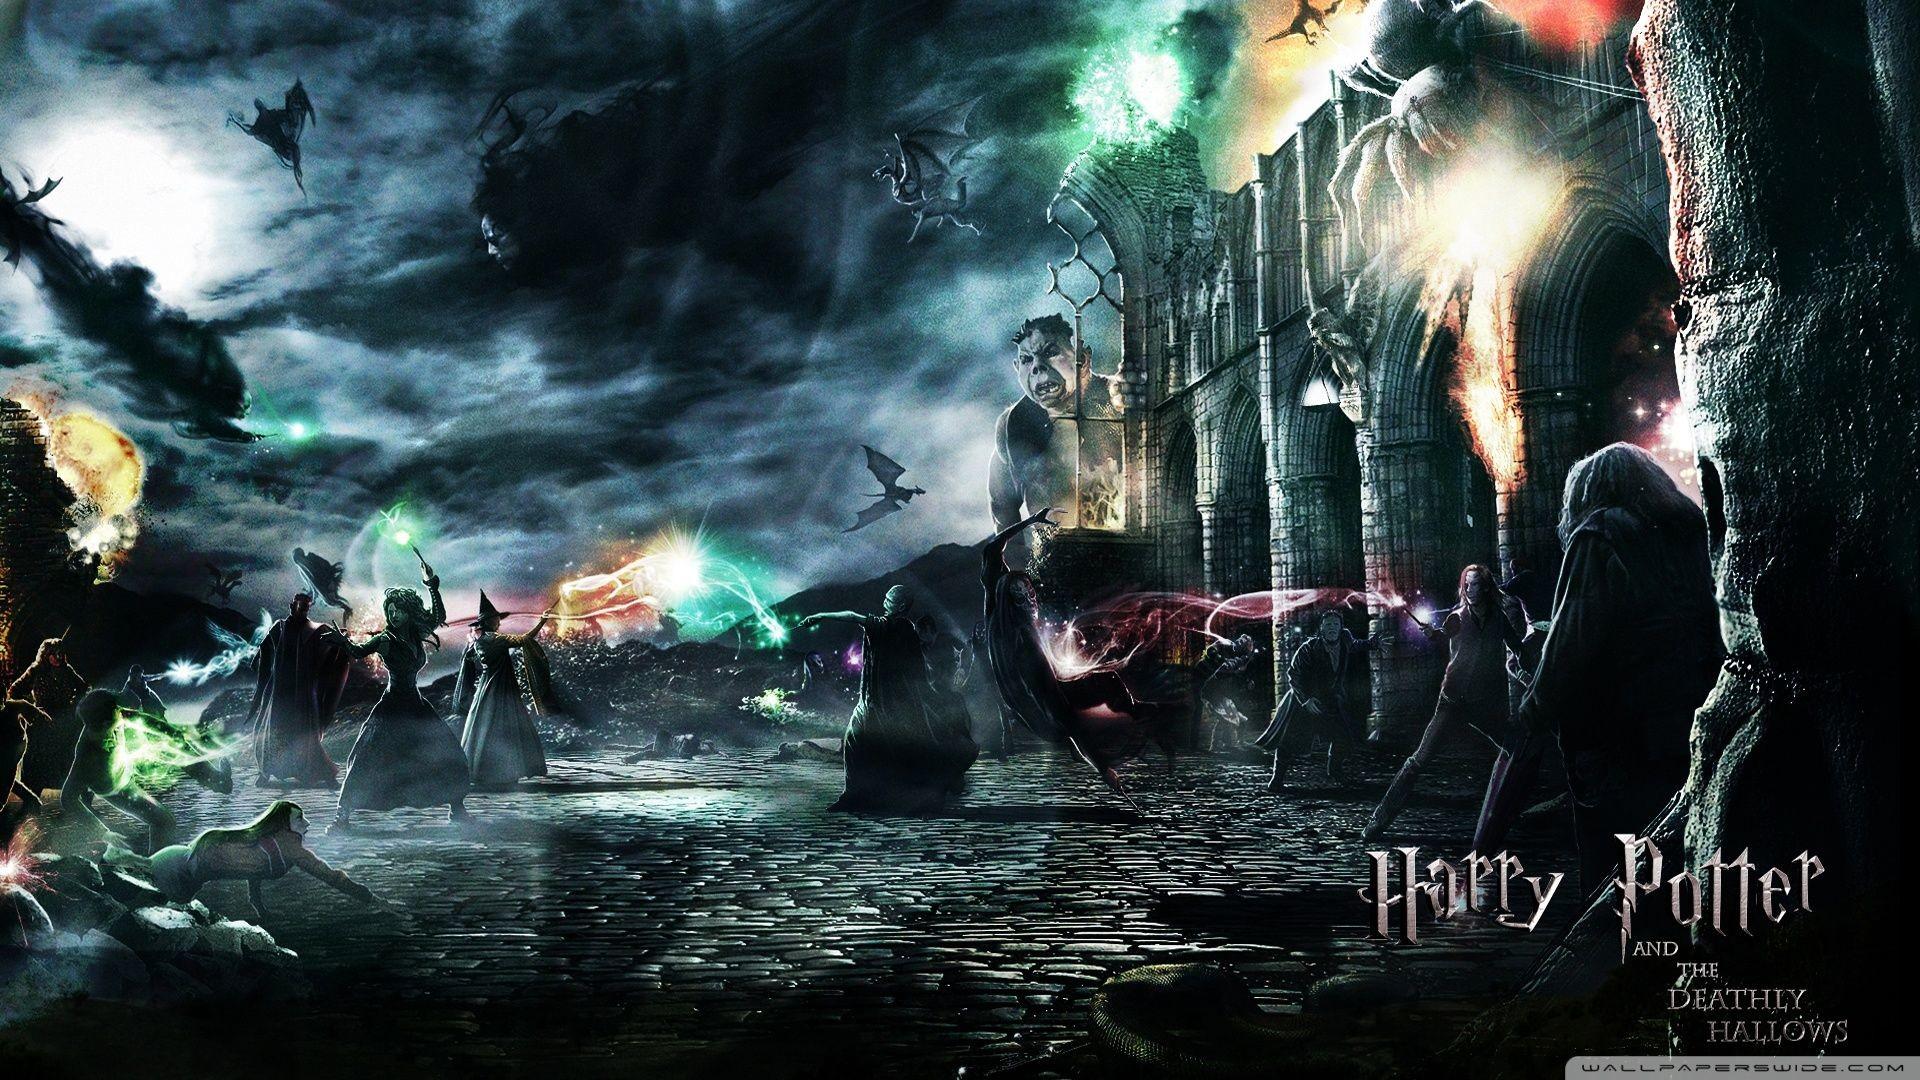 Hogwarts desktop wallpaper 68 images - Harry potter images download ...